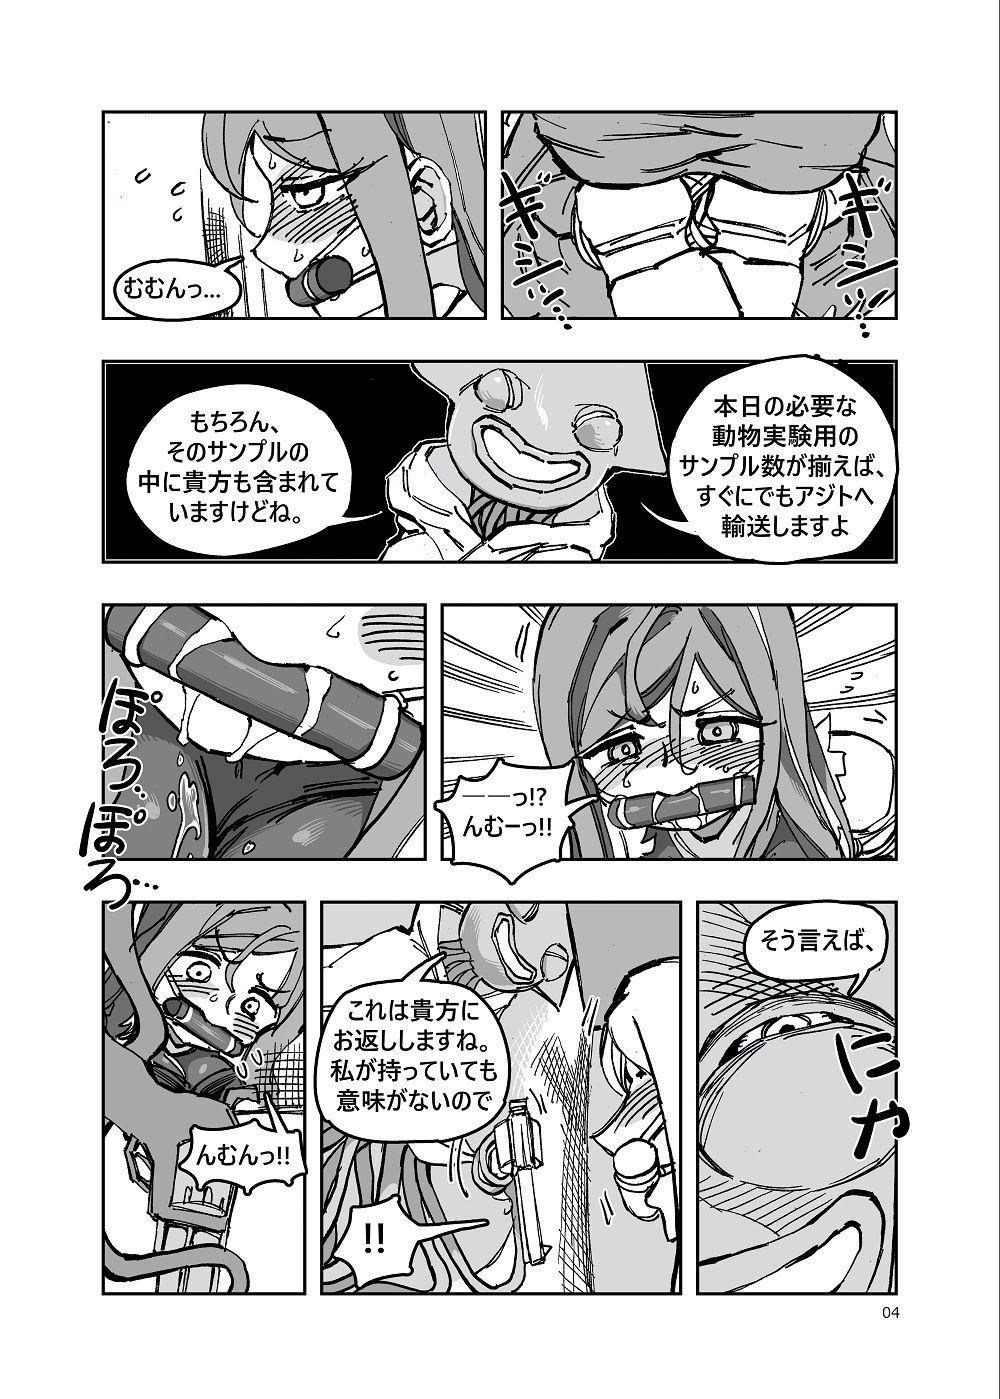 魔法少女ウェスタンガールズ 漫画版 第2話後編のサンプル画像2